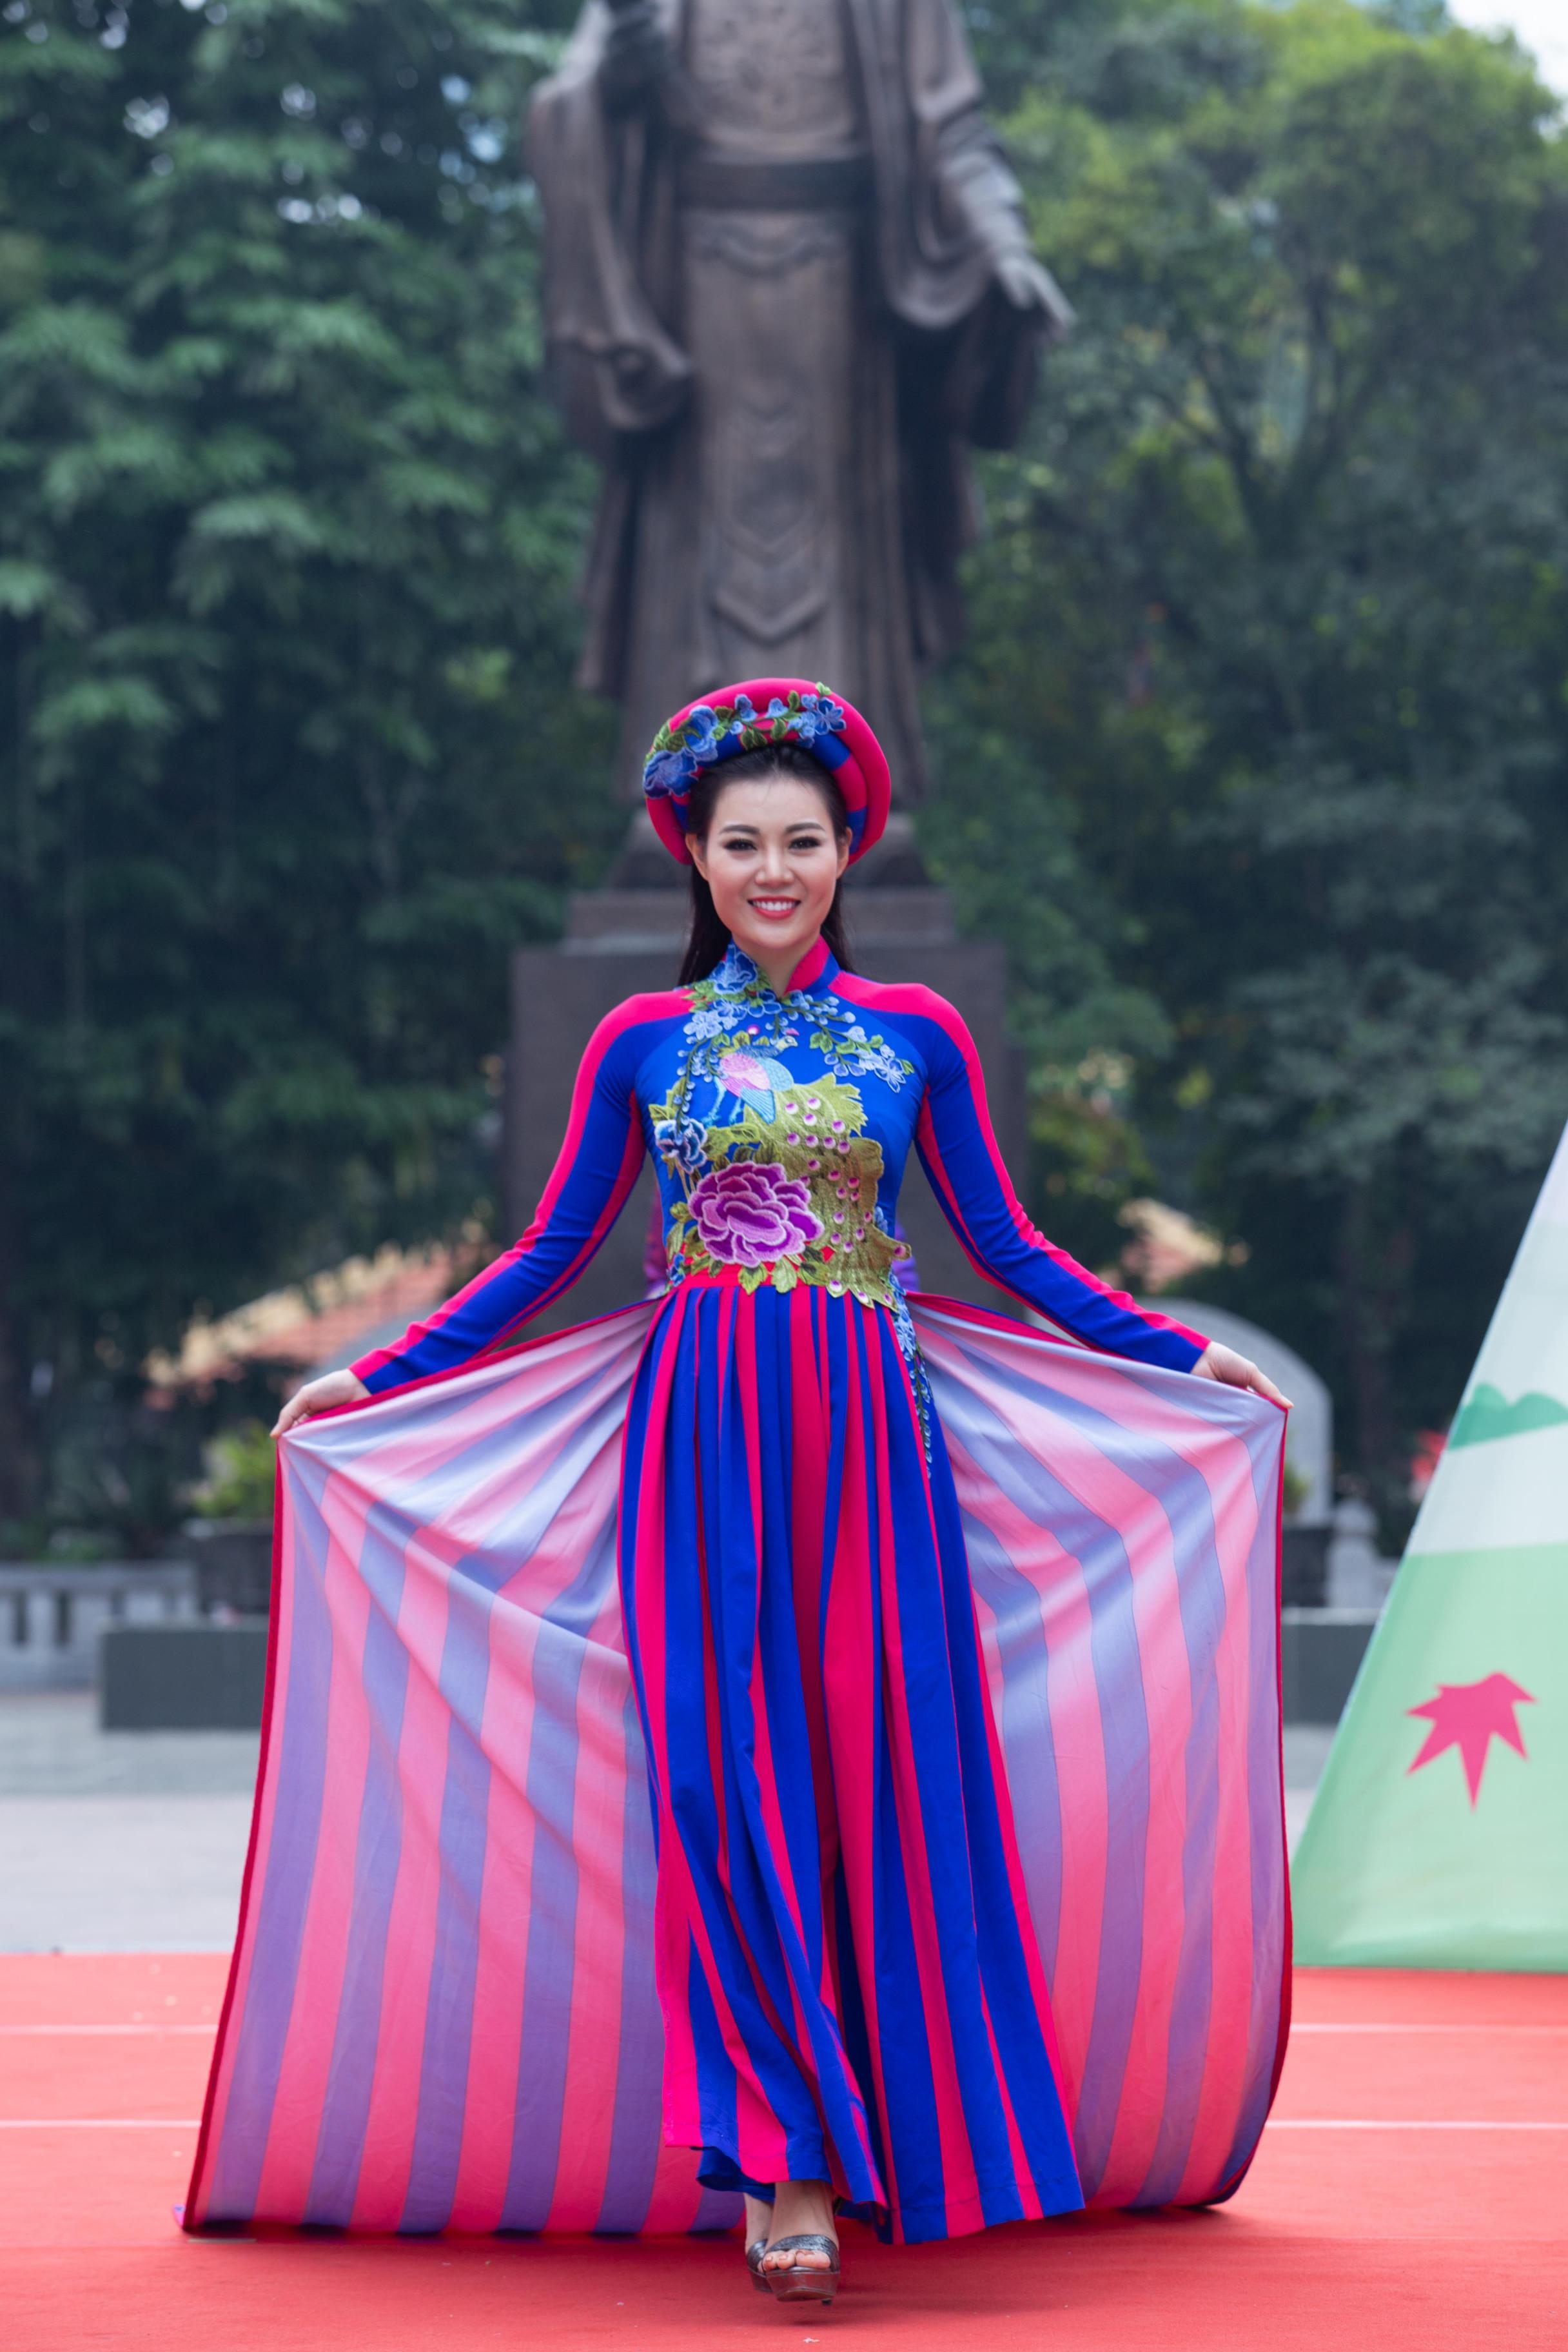 Diễn viên Thanh Hương khiến khán giả bất ngờ khi xuất hiện trên sàn diễn thời trang với vai trò người mẫu